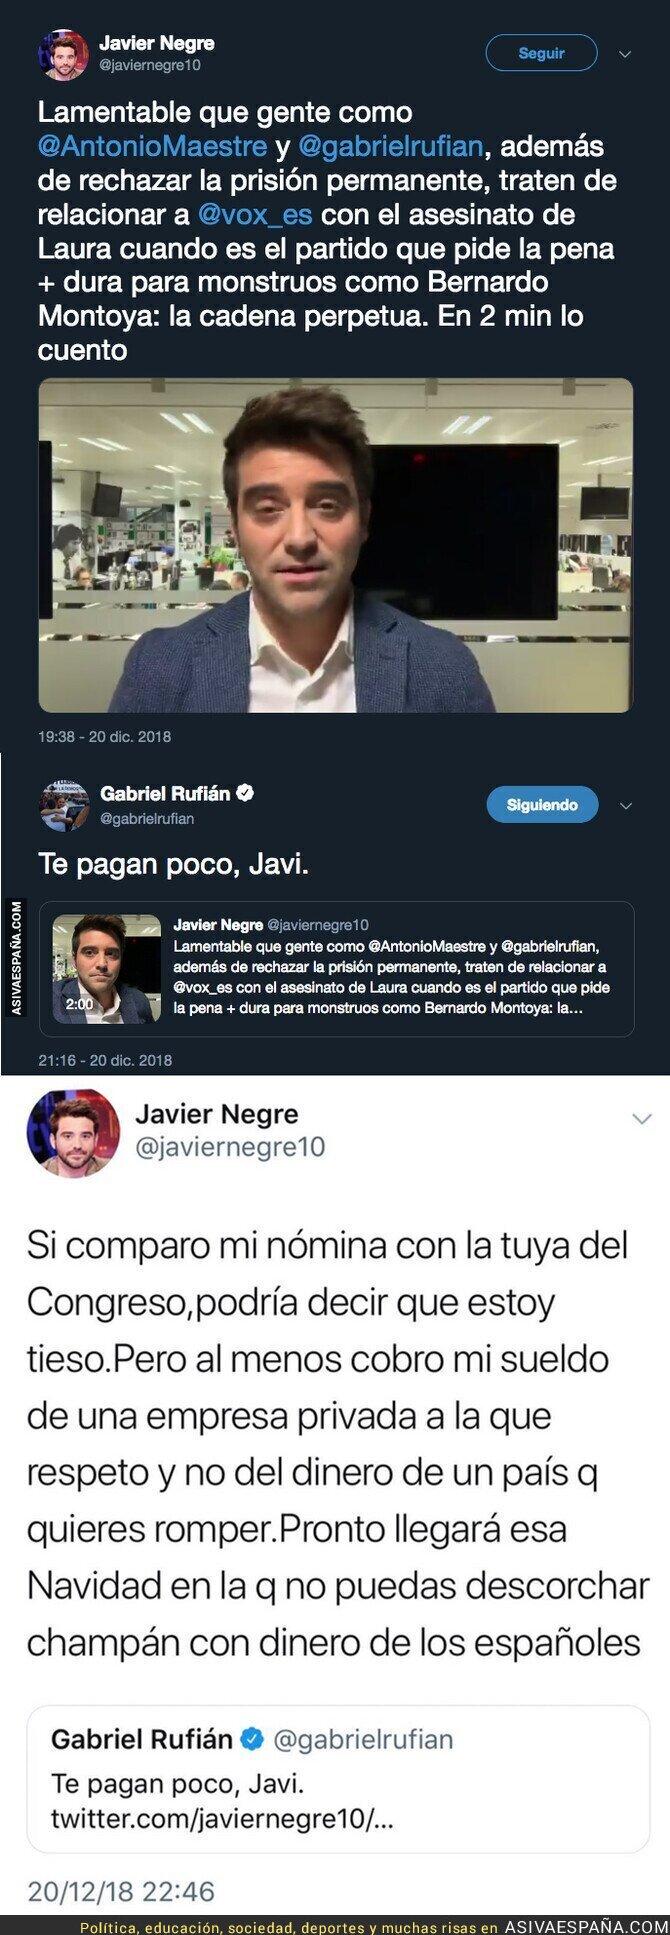 100949 - El periodista Javier Negre y Gabriel Rufián se enzarzan en Twitter tras la muerte de Laura Luelmo y el salario del de ERC en el Congreso